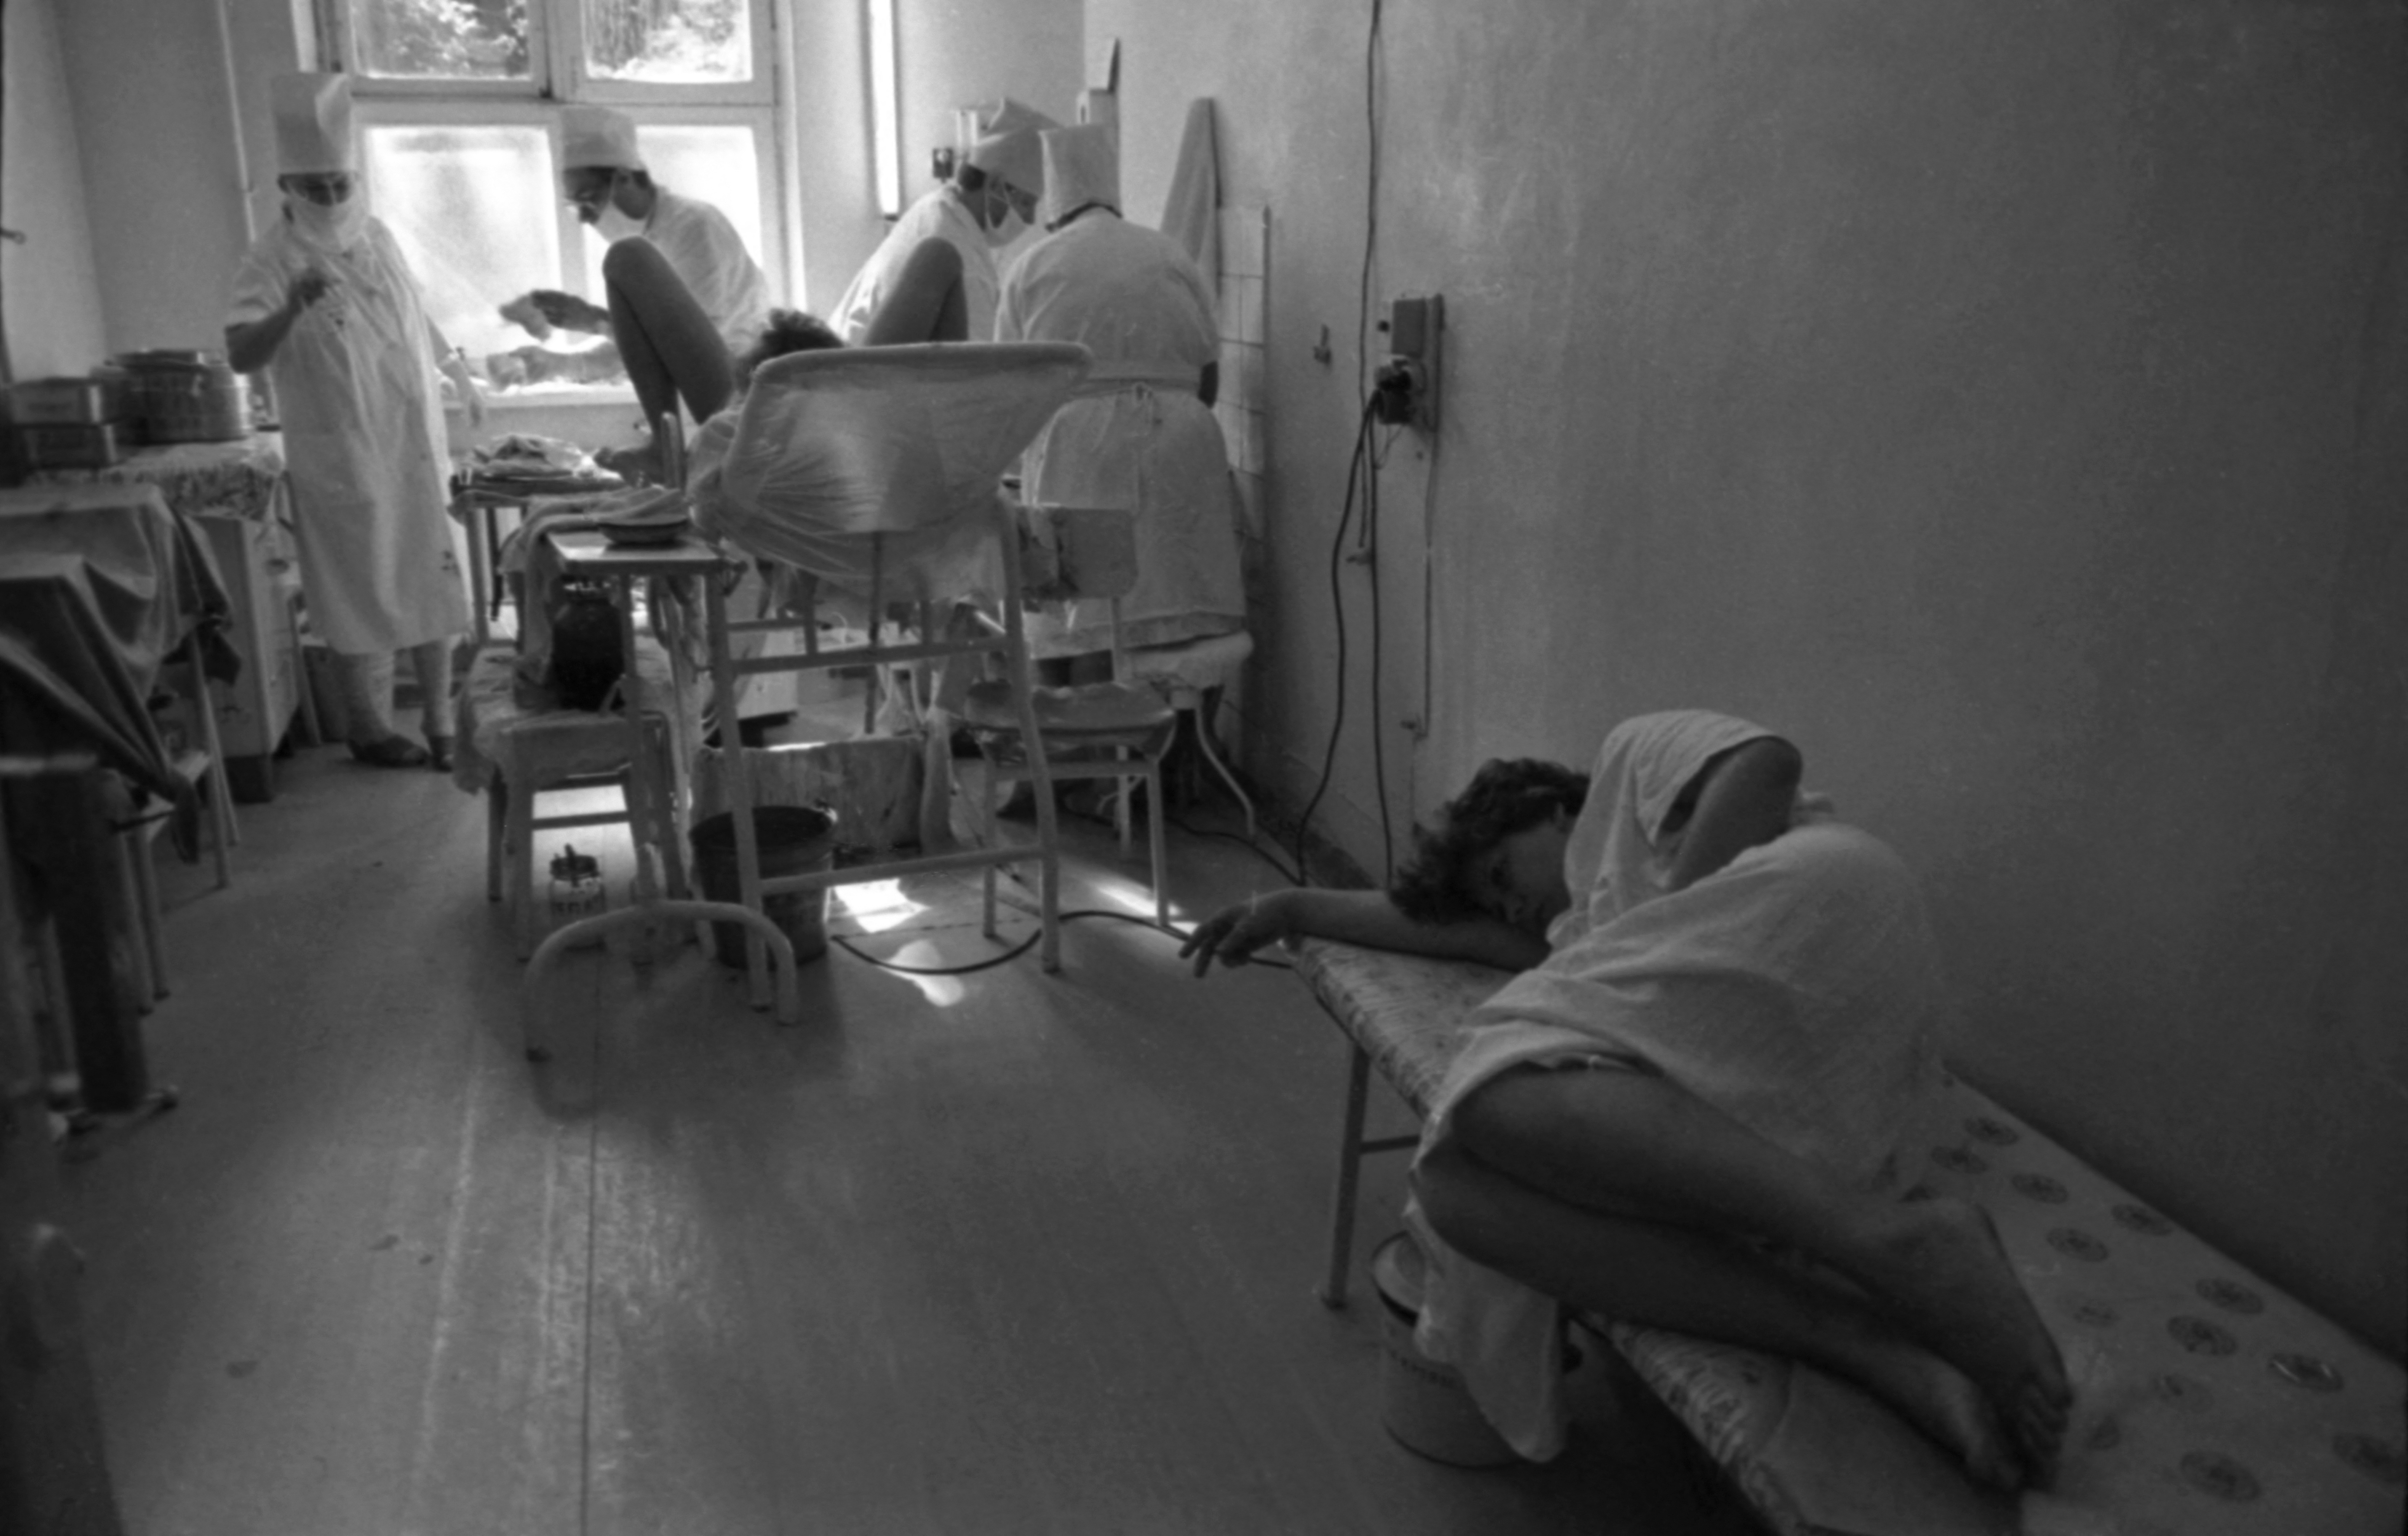 Negatív hatása volt a magyarországi abortuszkorlátozásnak a gyerekek későbbi életére